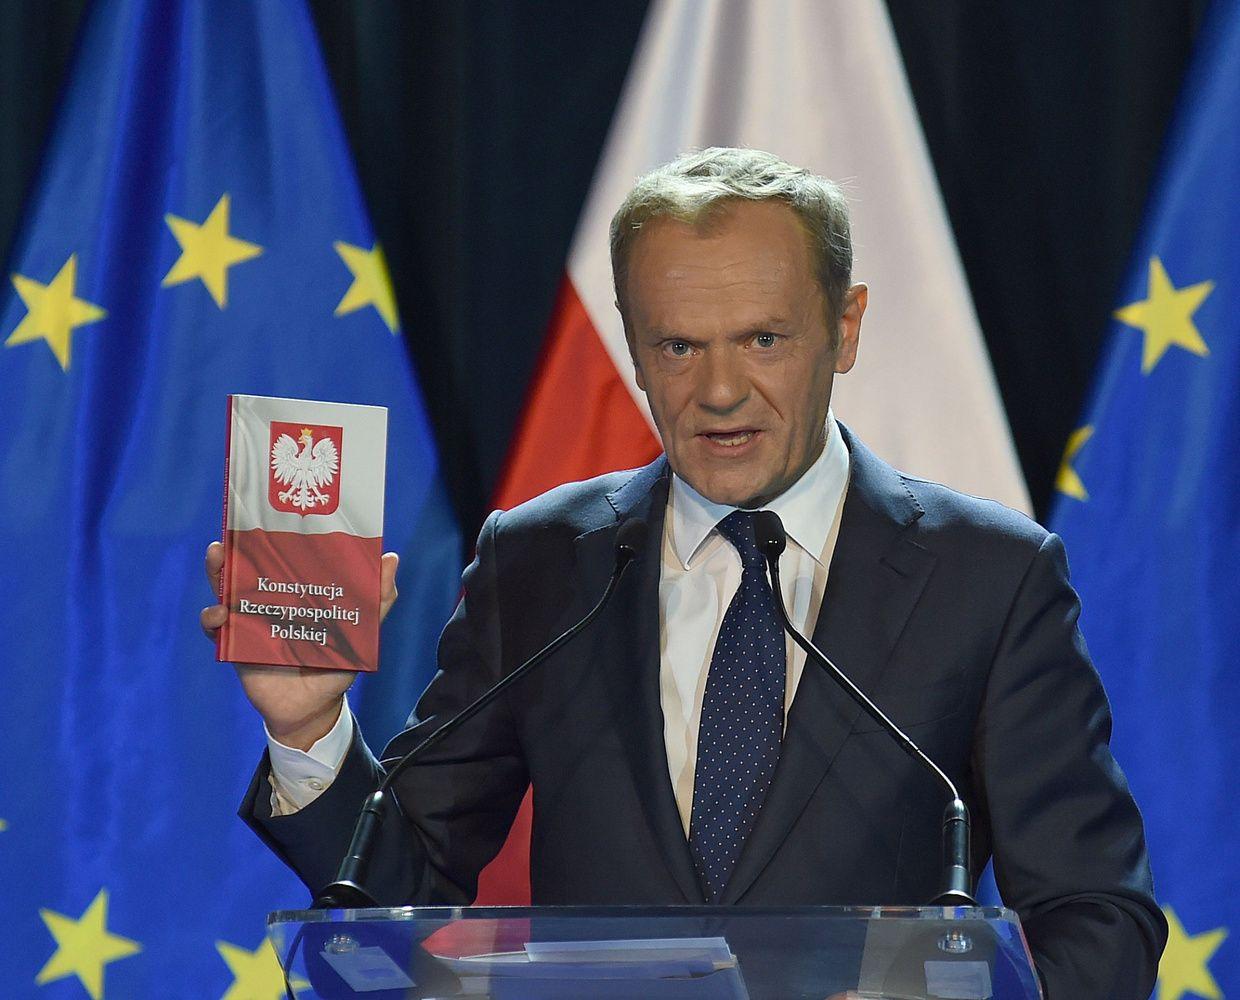 Donaldo Tusko kalba atnaujino spėliones, kad jis grįžta į Lenkijos politiką